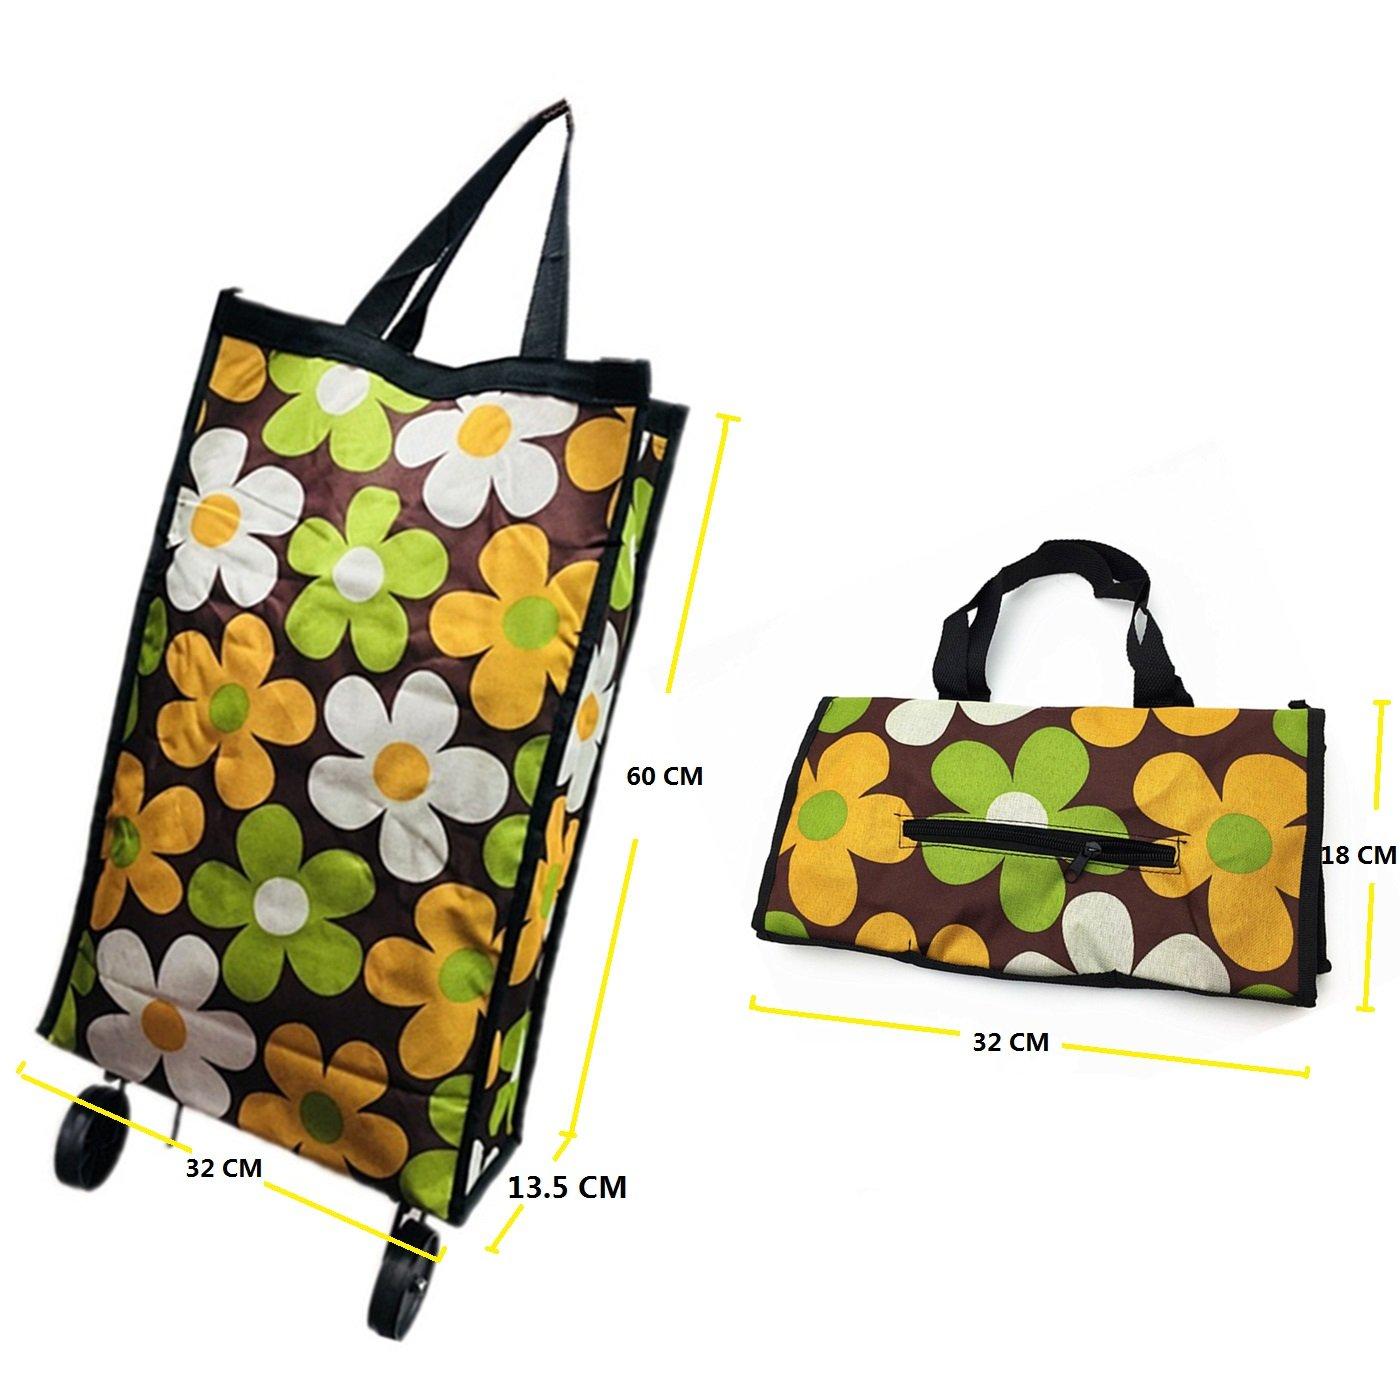 Carrito De La Compra/Plegable Grande Bolsas/bolso de la rueda (paquete de 1) (lalla)